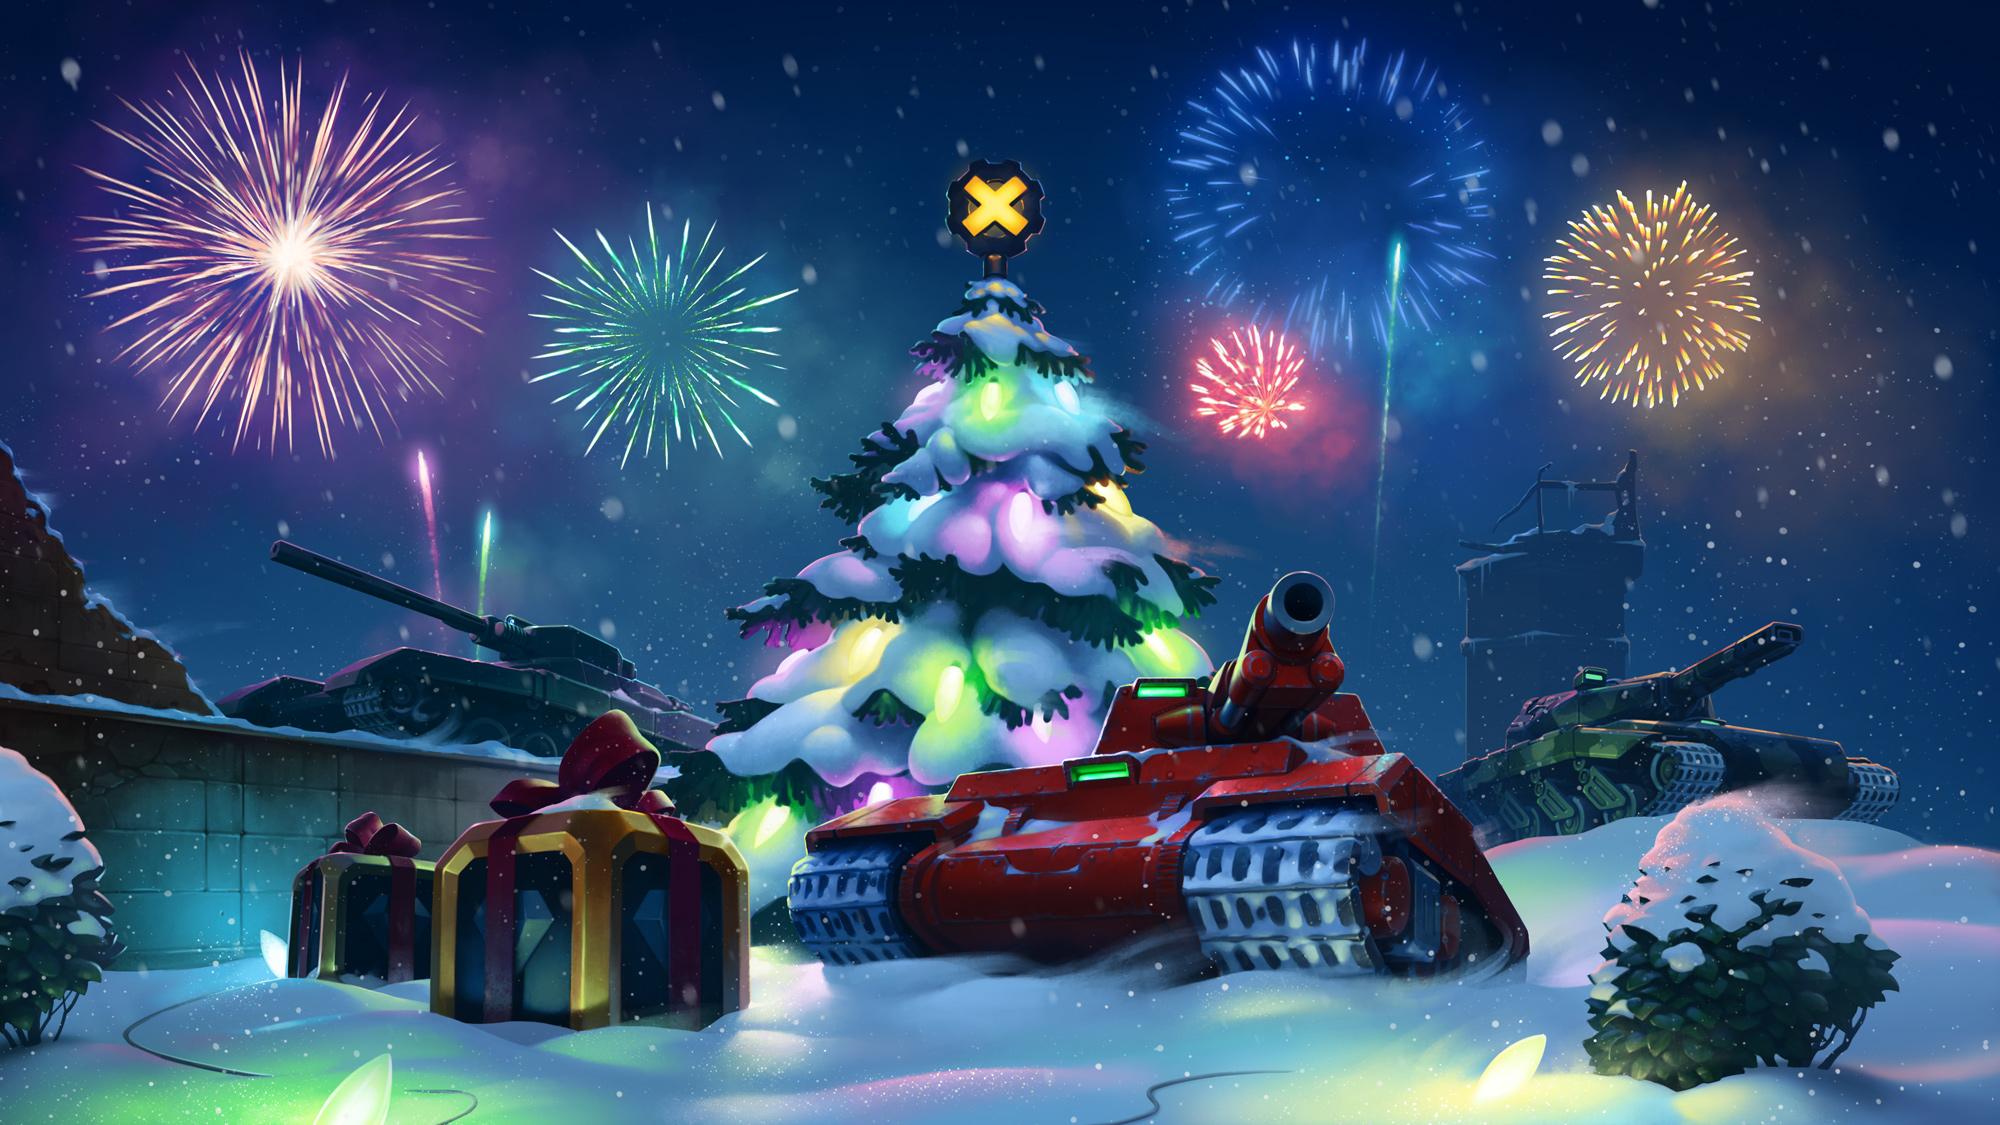 Картинки новогодние танки